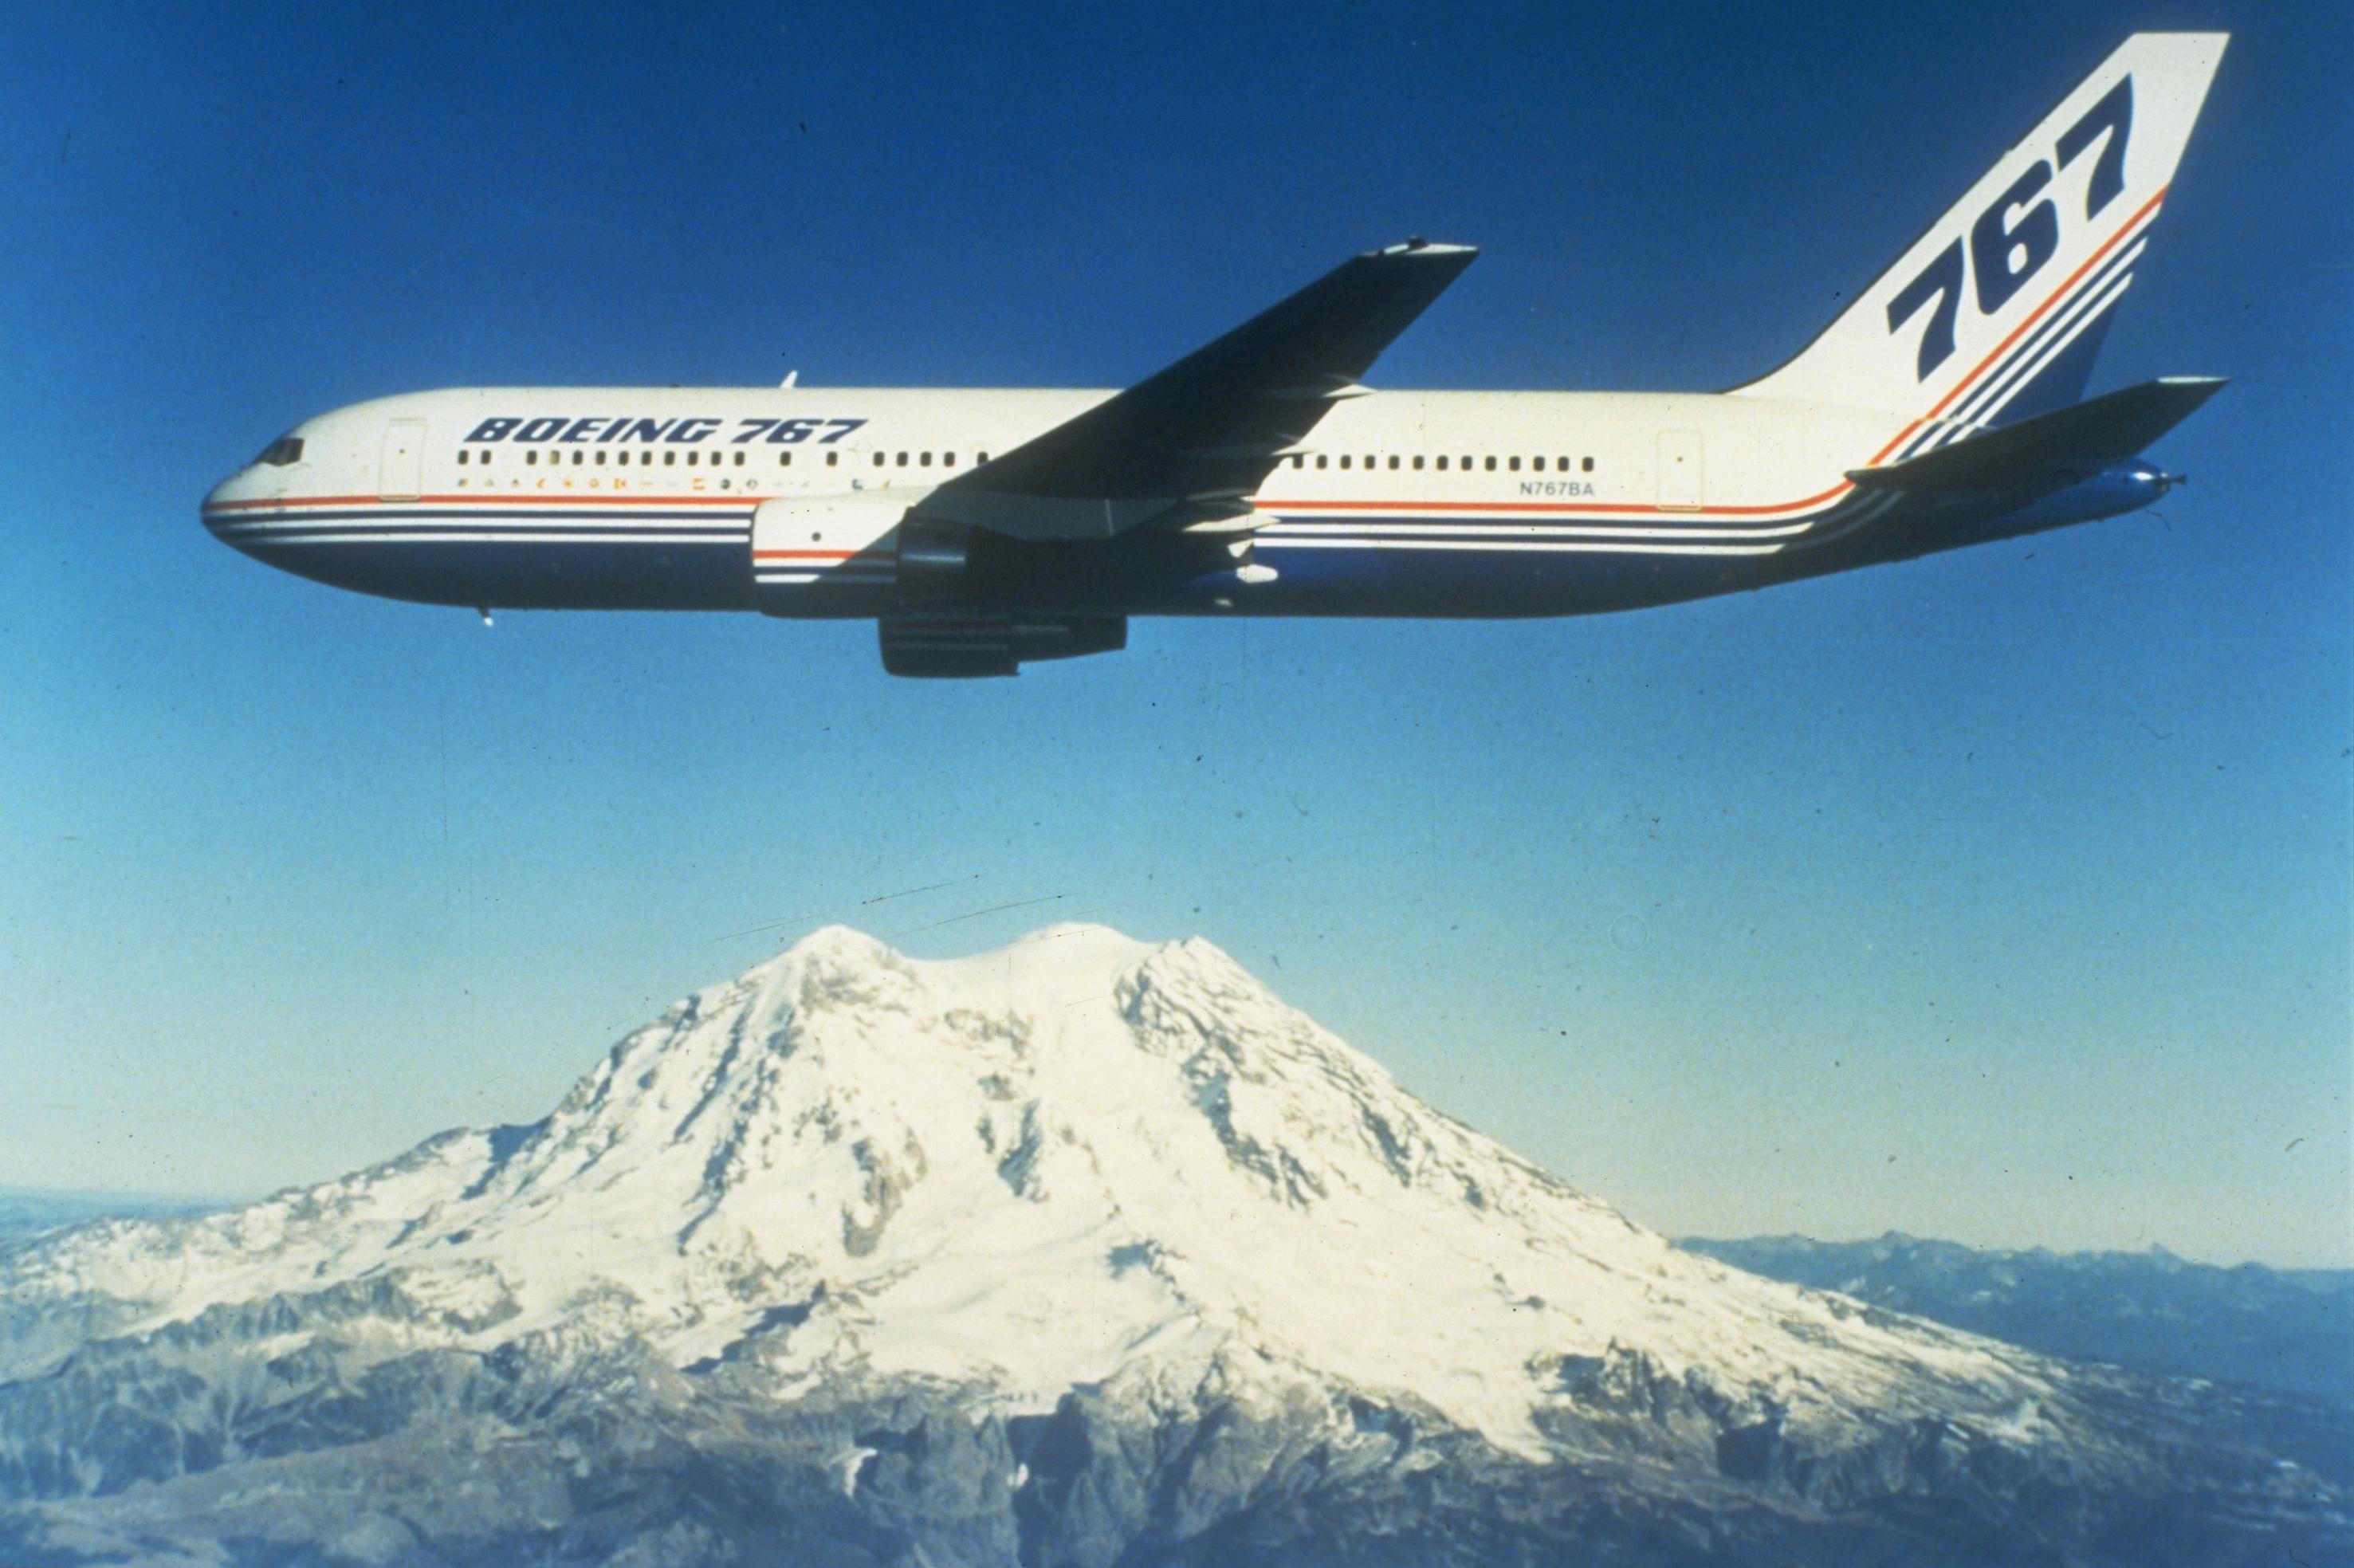 Boeing Jet Engine Boeing Twin Engine Jetliner in